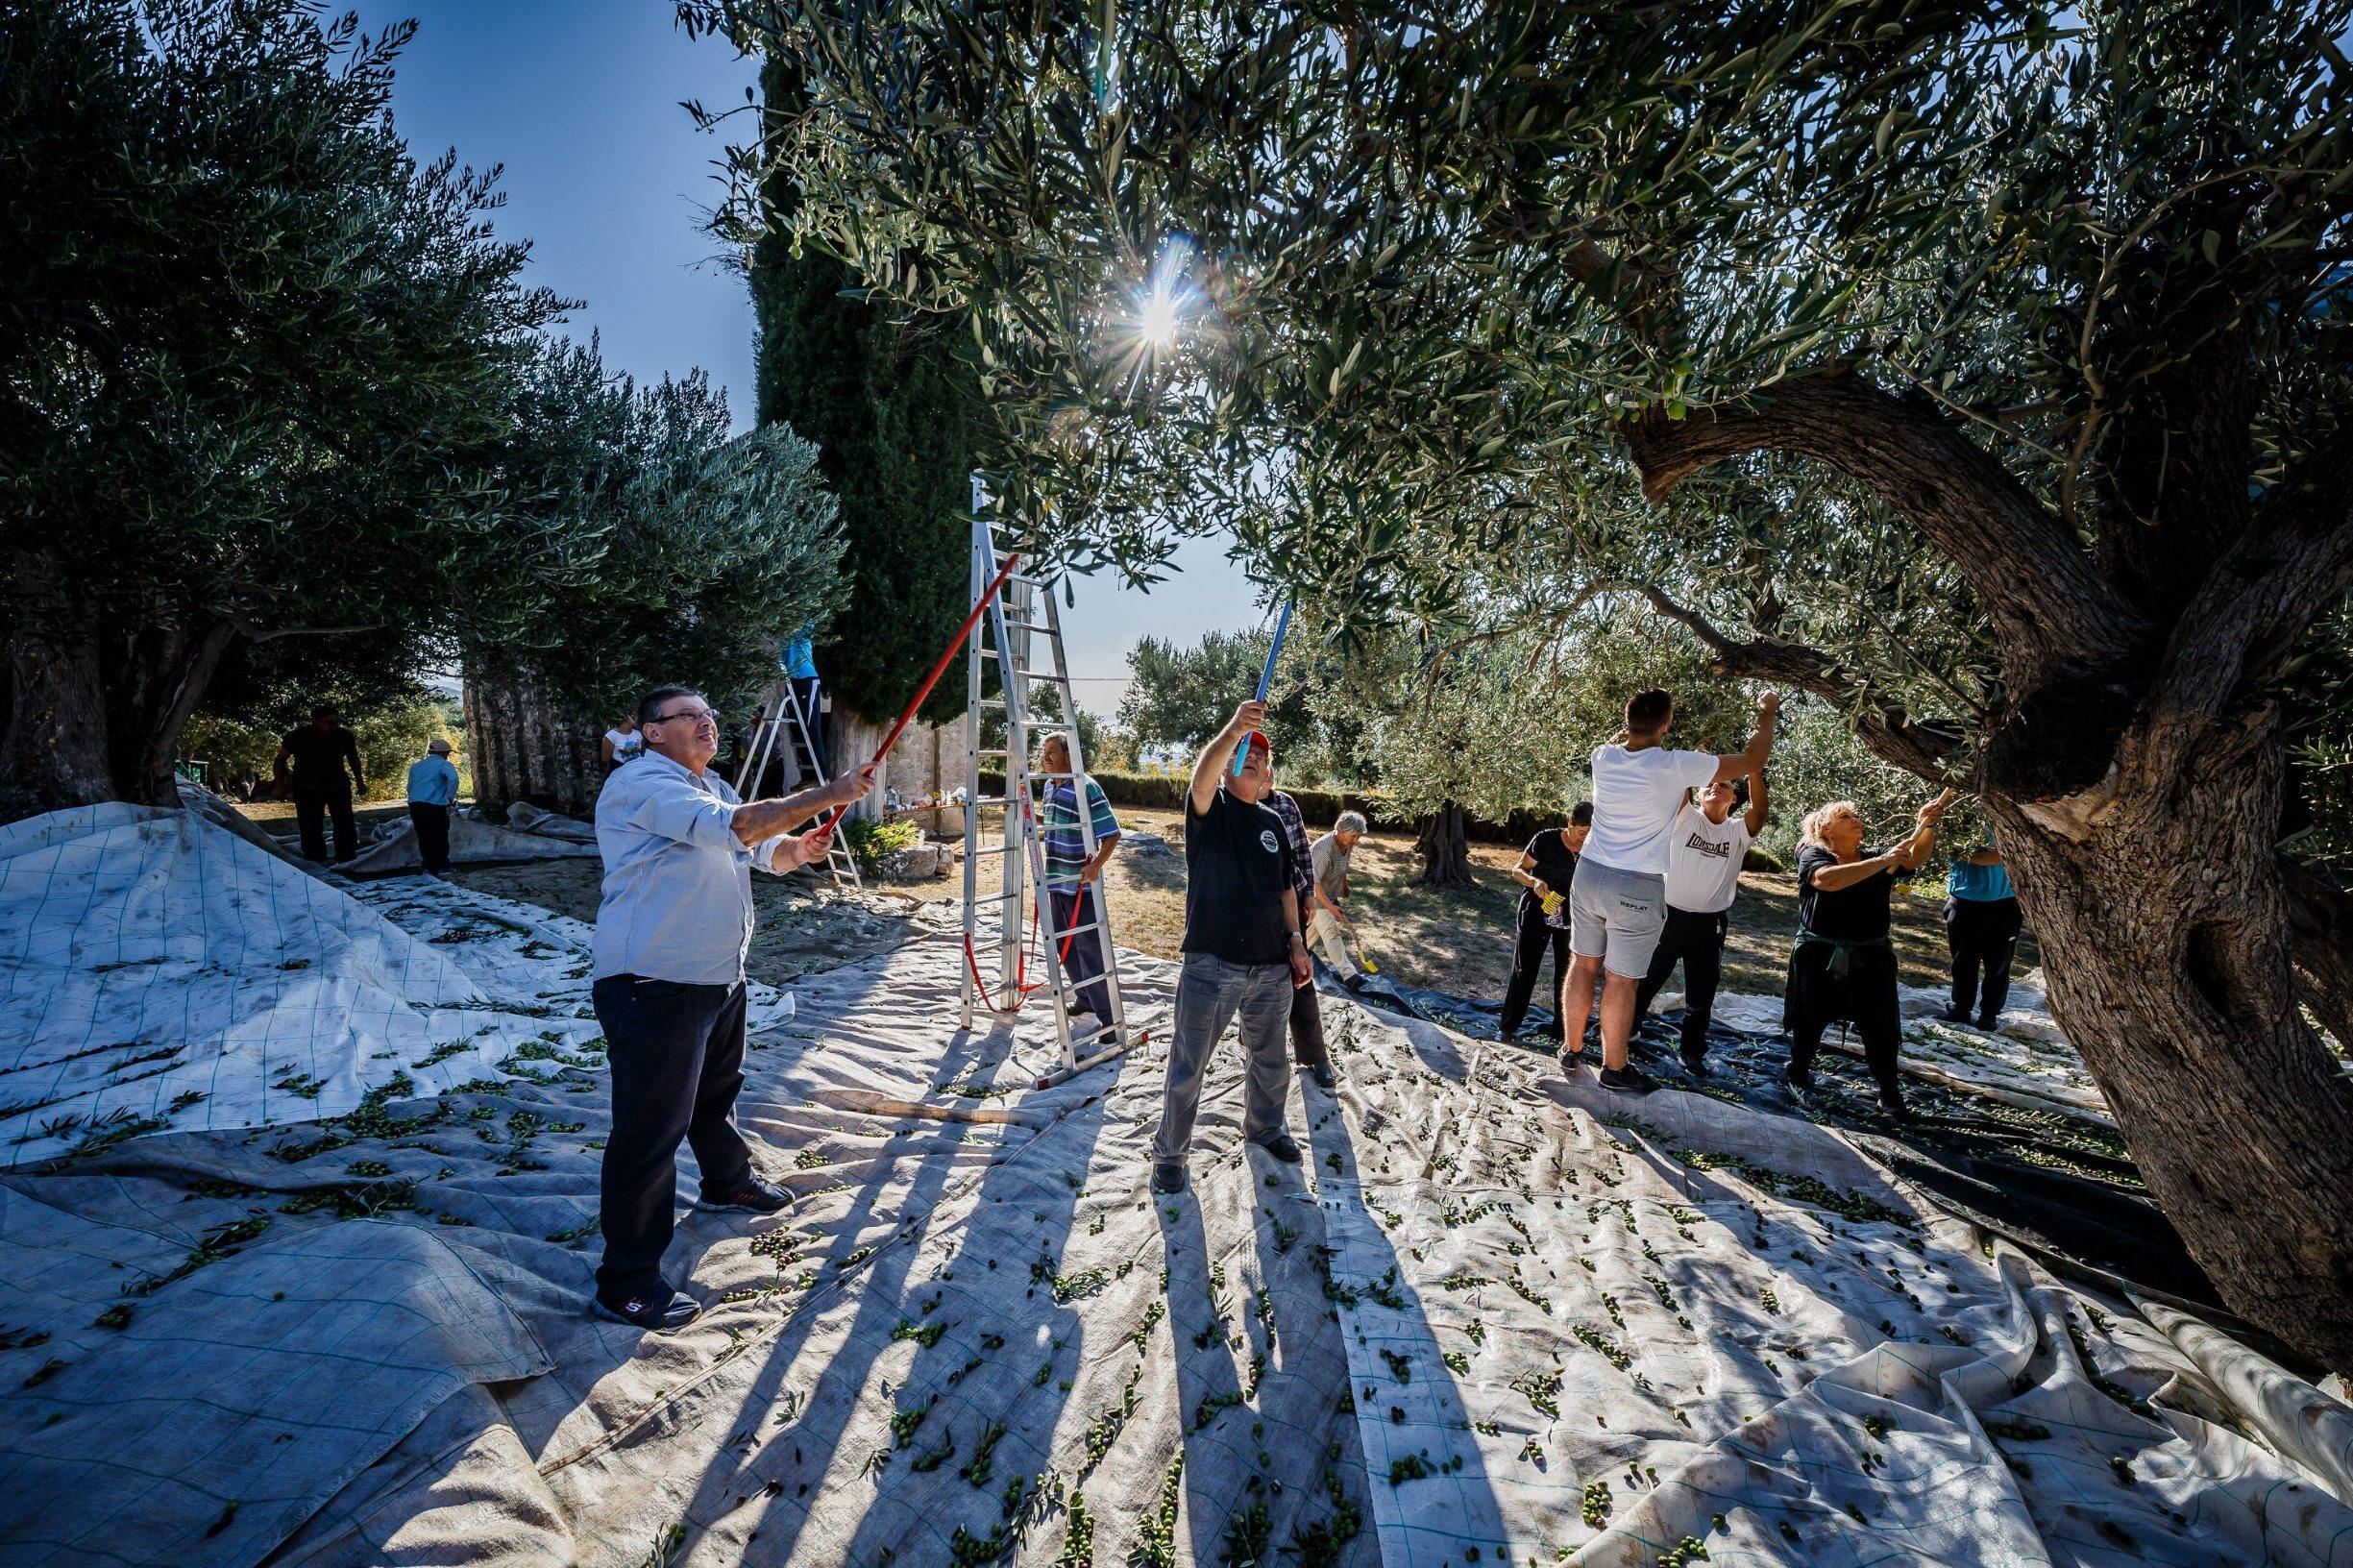 Branje maslina u blizini povijesne crkvice sv. Jurja Kaštela Starog koja datira iz 9. stoljeća